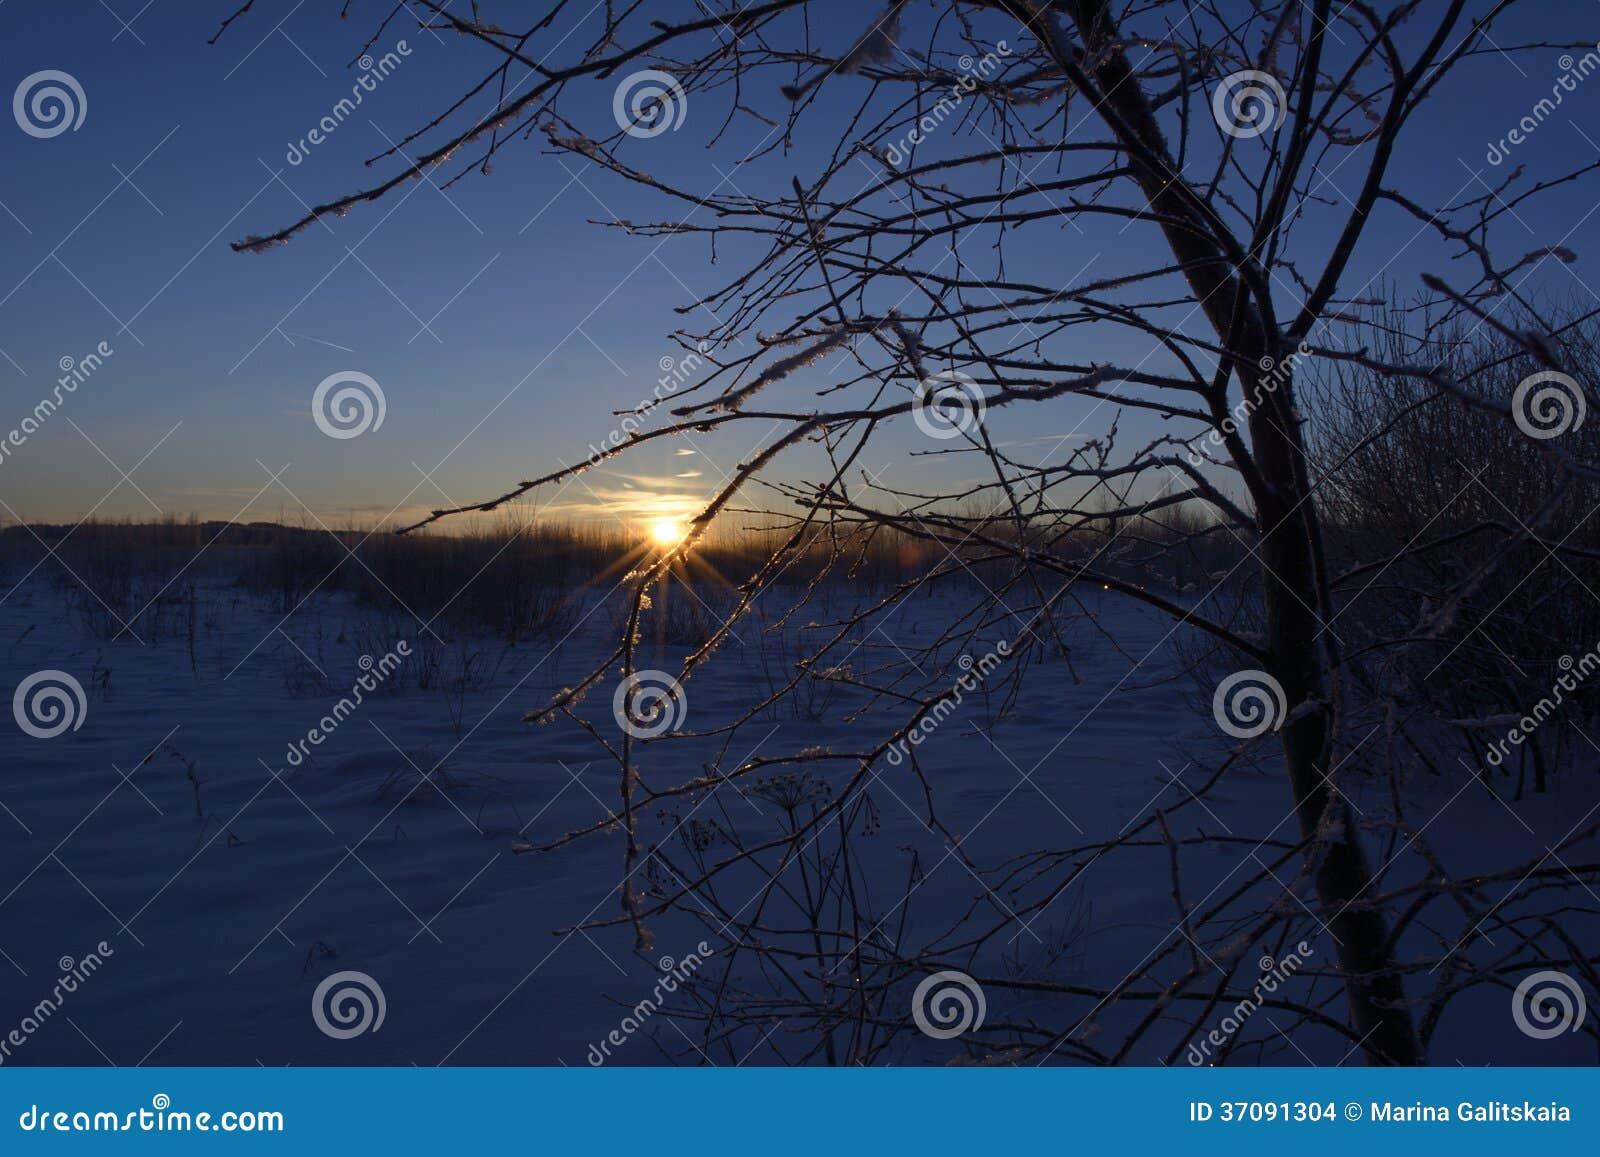 Download Jaskrawy brzask zdjęcie stock. Obraz złożonej z słońce - 37091304